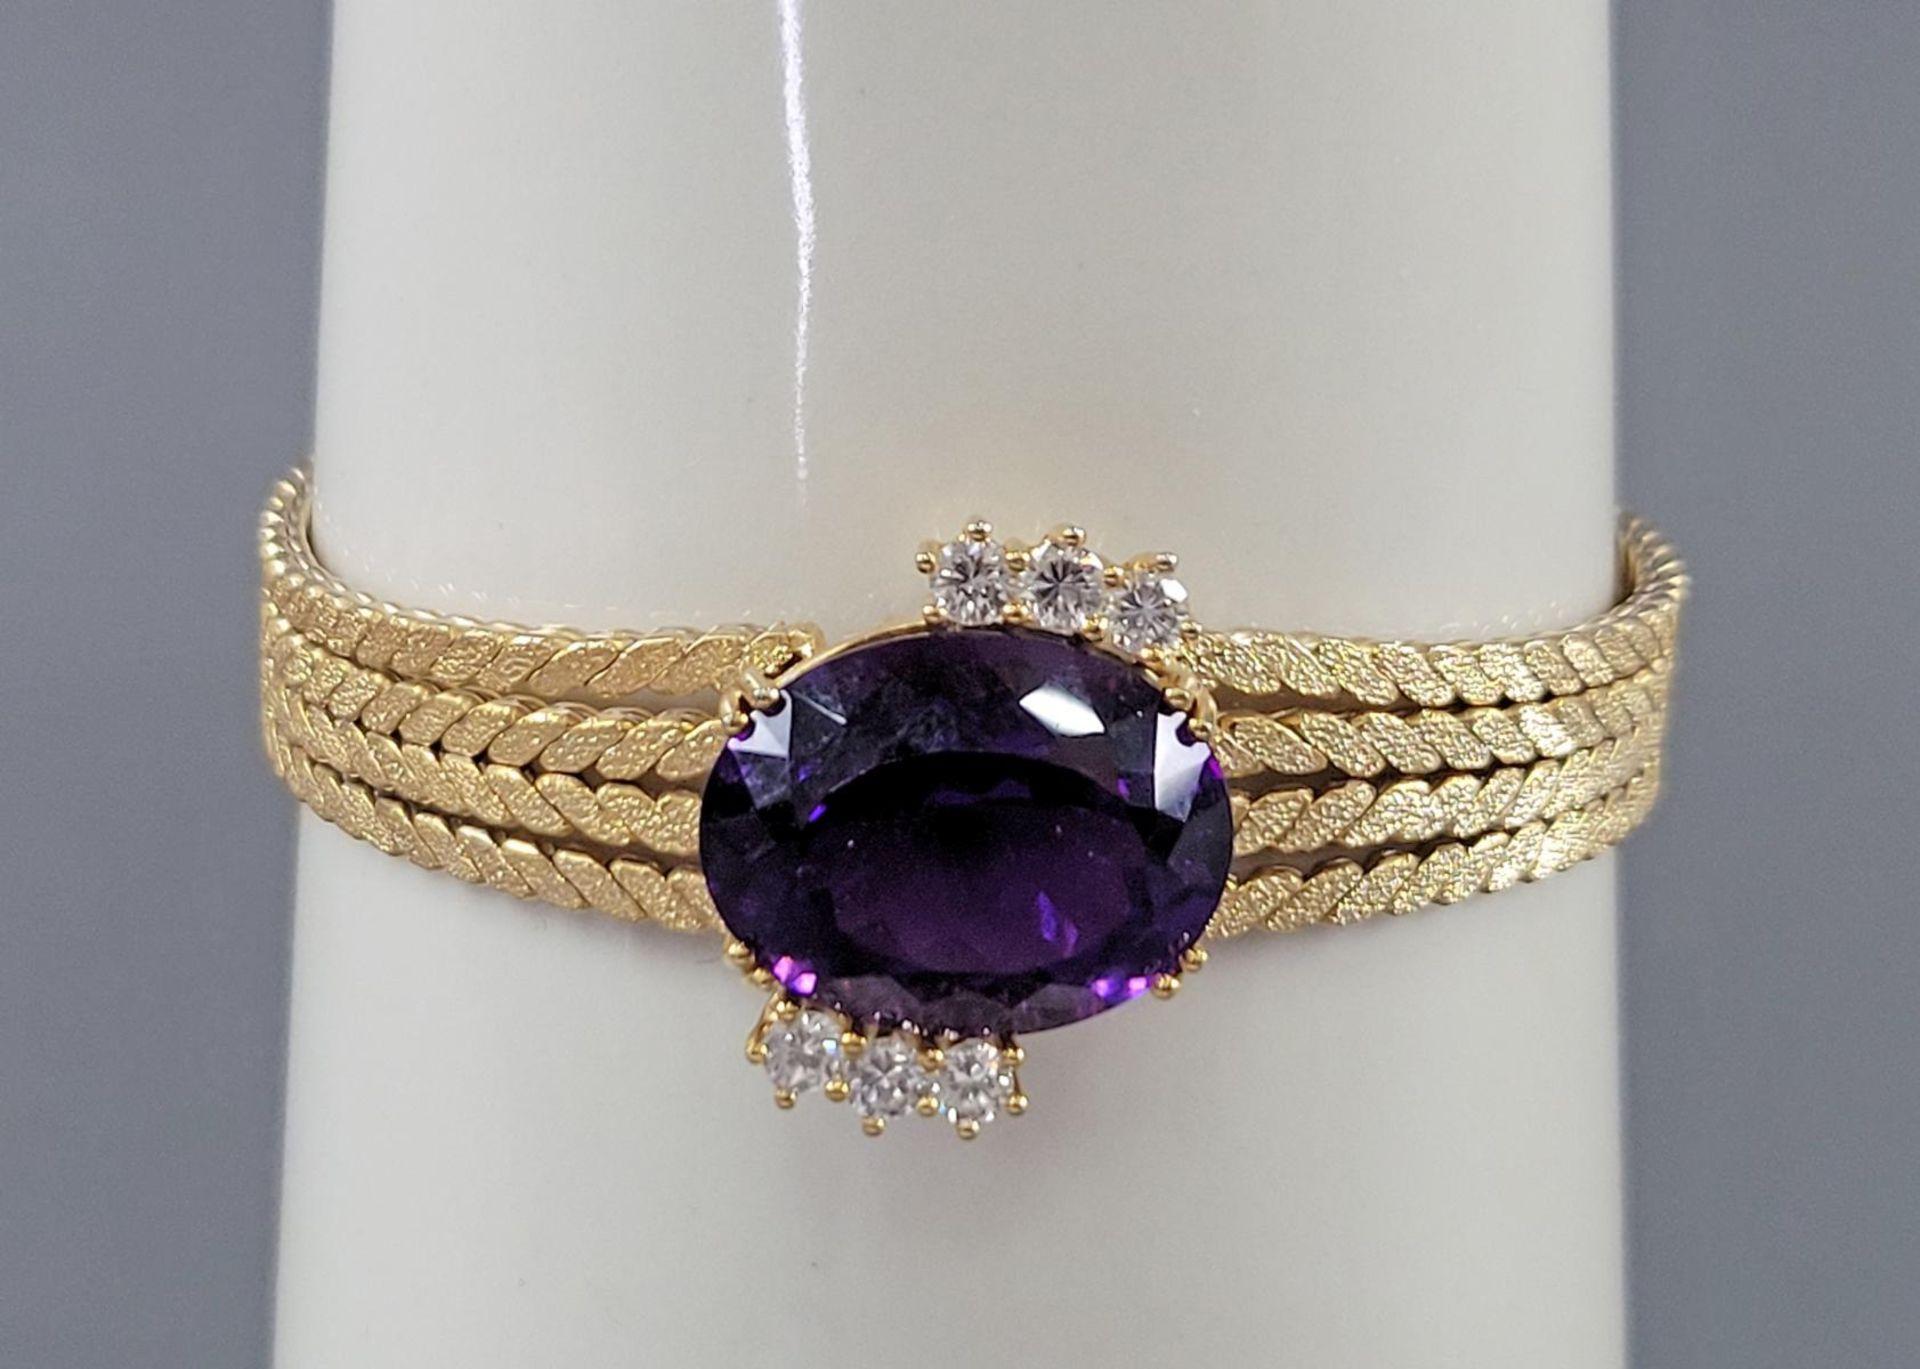 Damenarmband mit großem, facettierten Amethyst und Diamanten, 14 Karat Gelbgold - Bild 6 aus 7